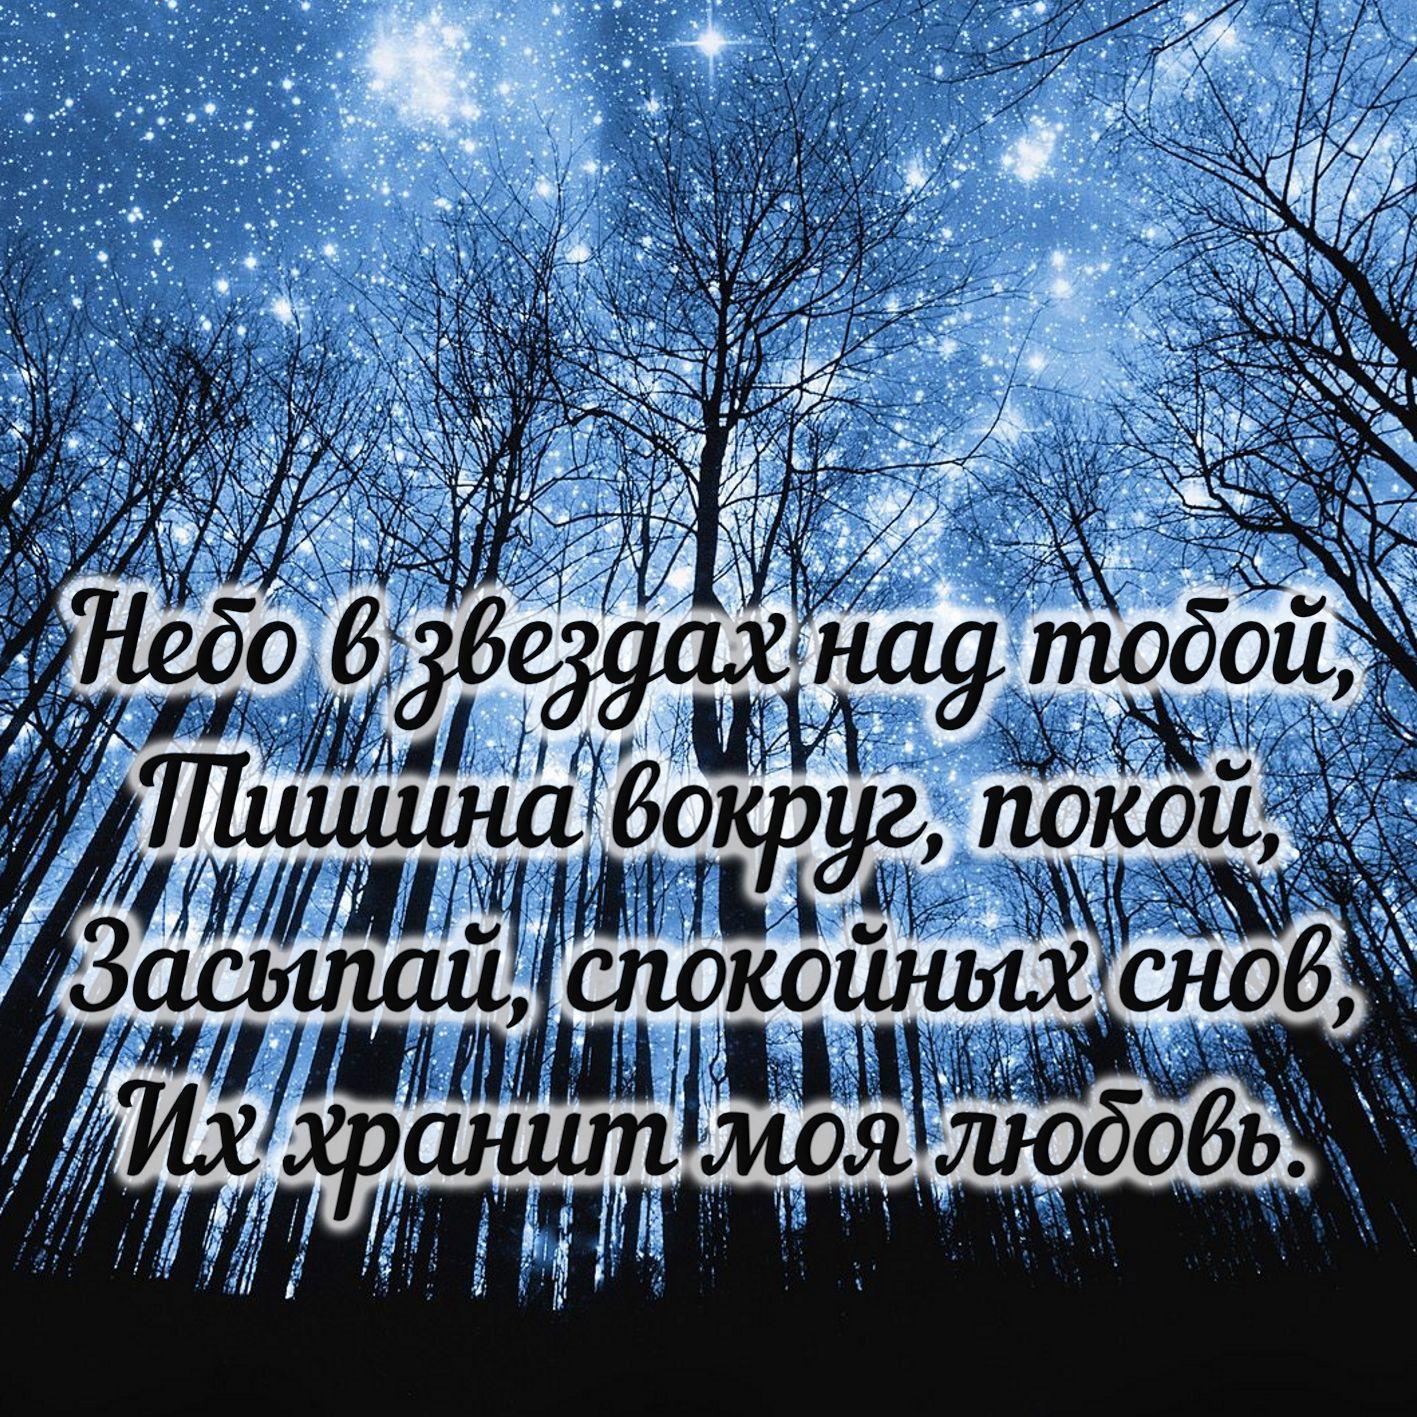 Картинки сладких снов любимый с надписями со звездным небом красивые, кушай